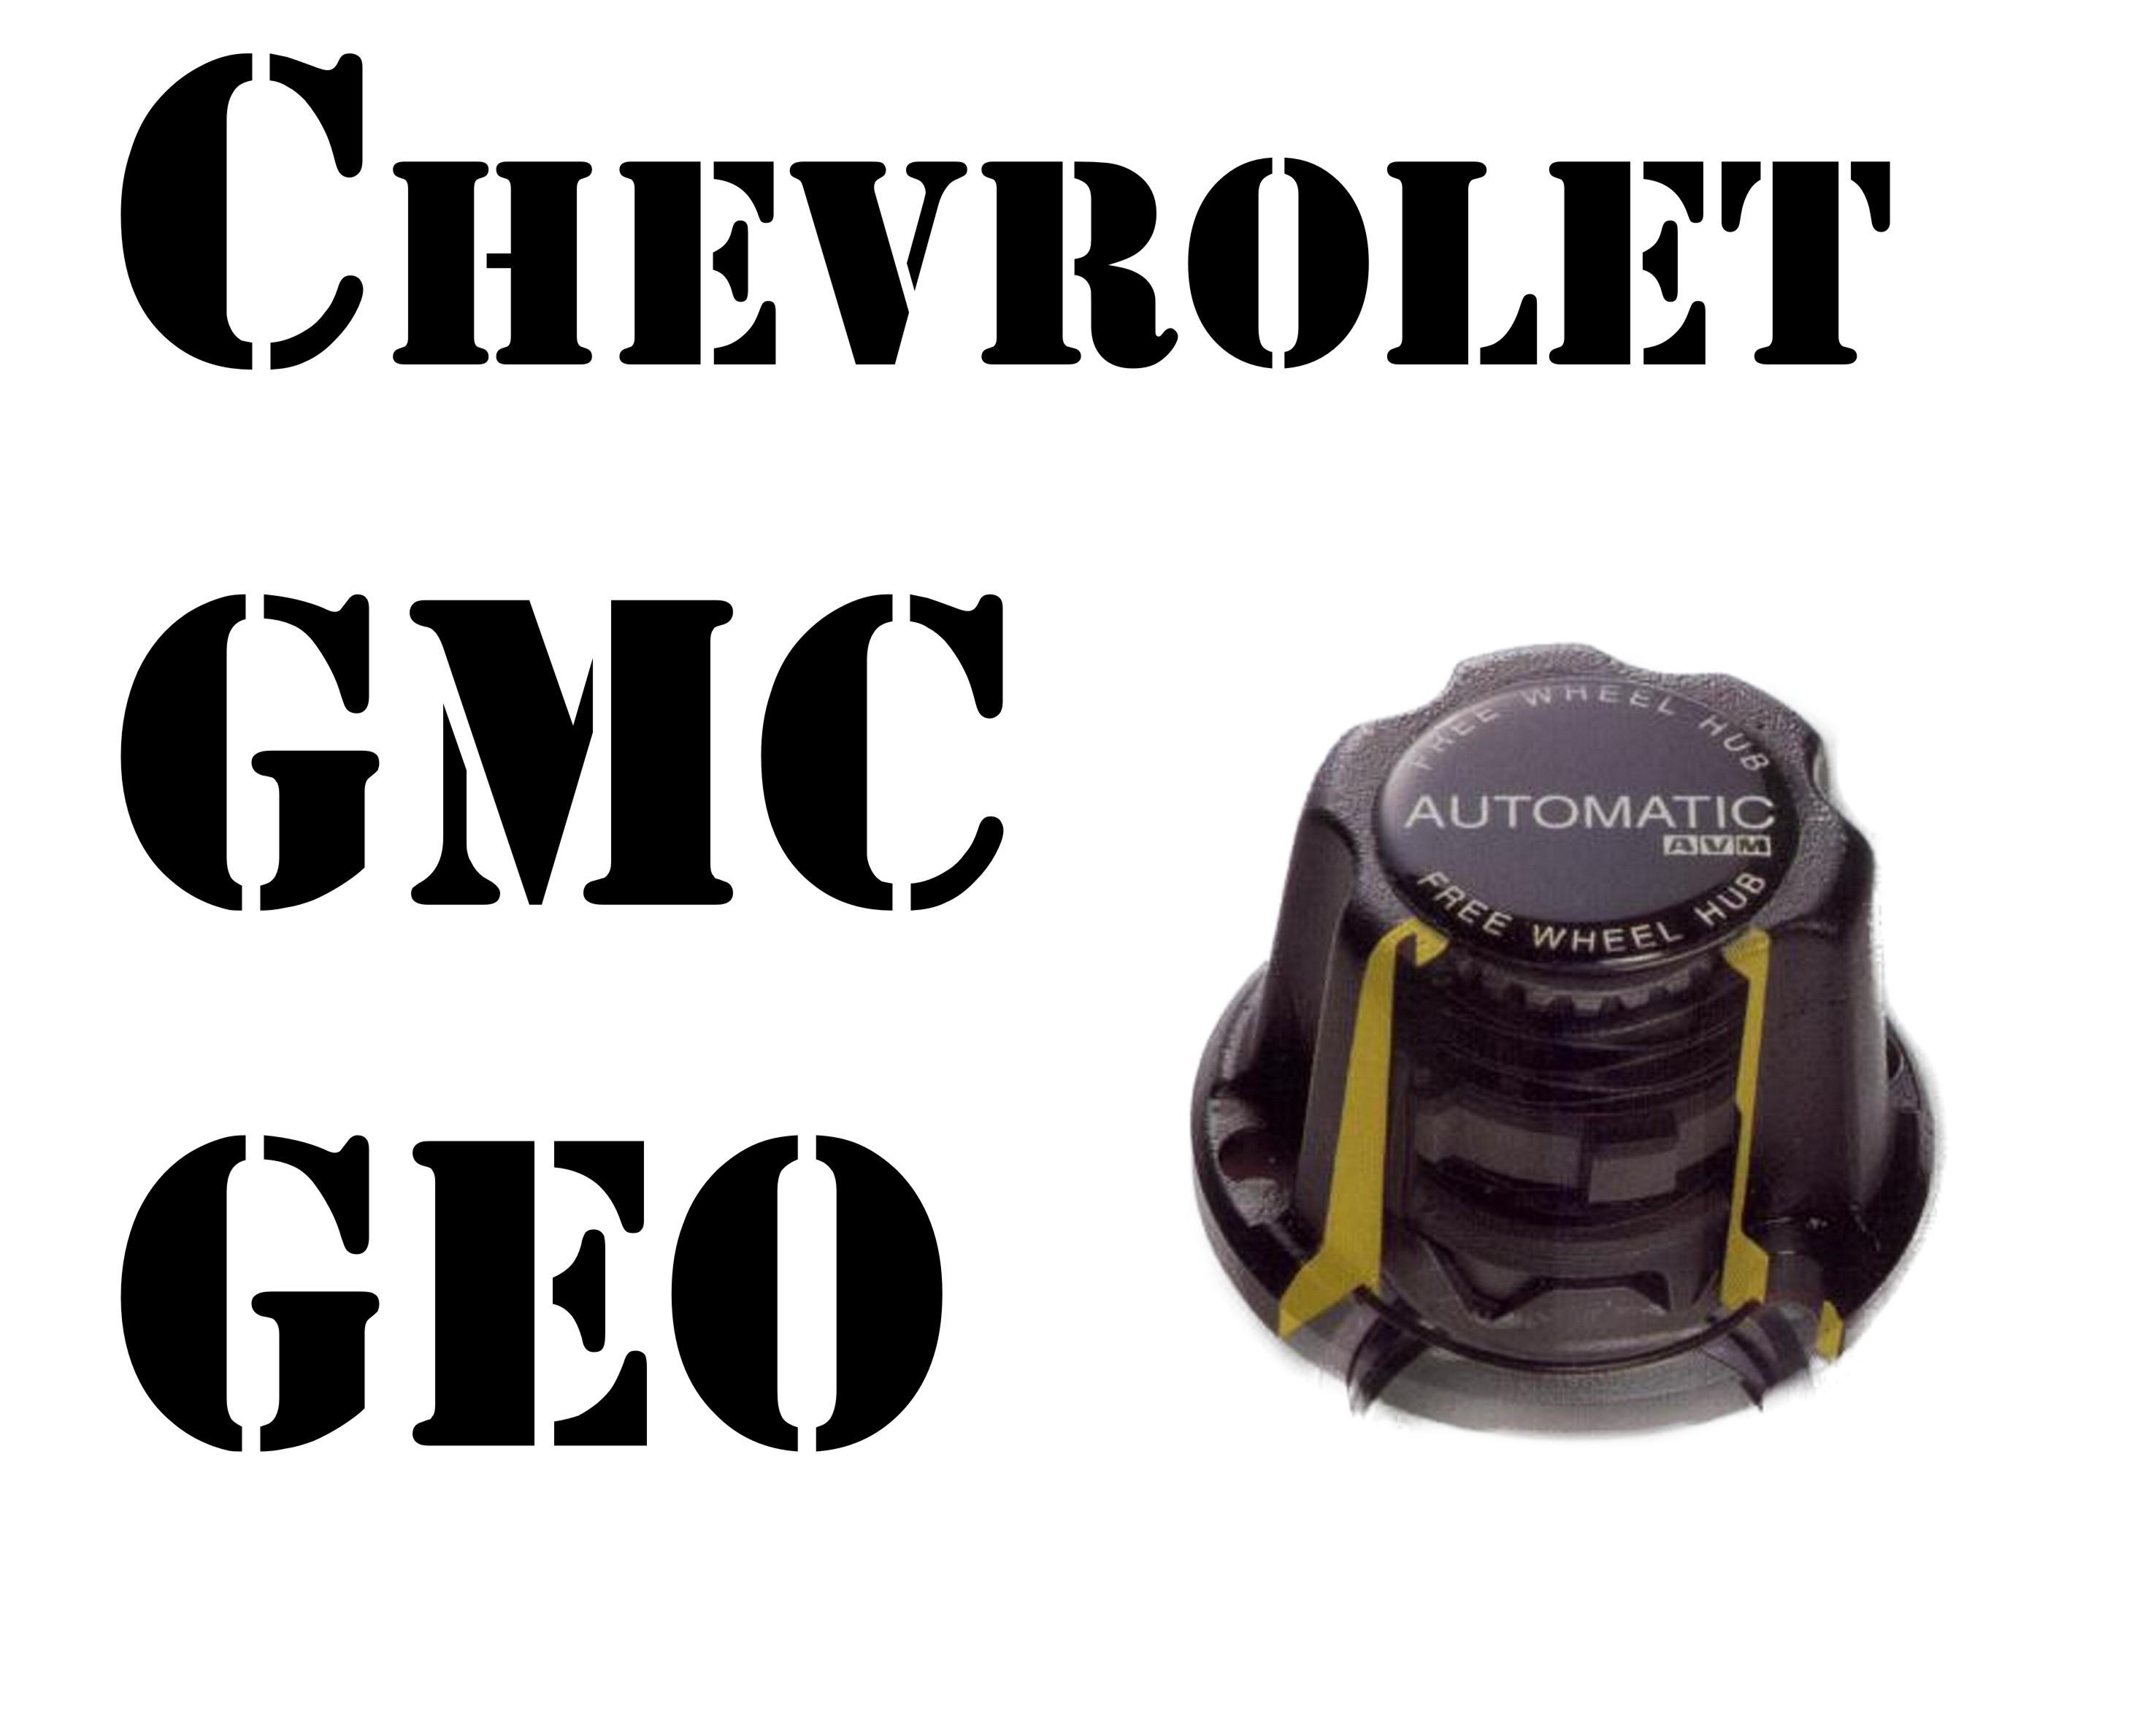 CHEVROLET / GMC / GEO